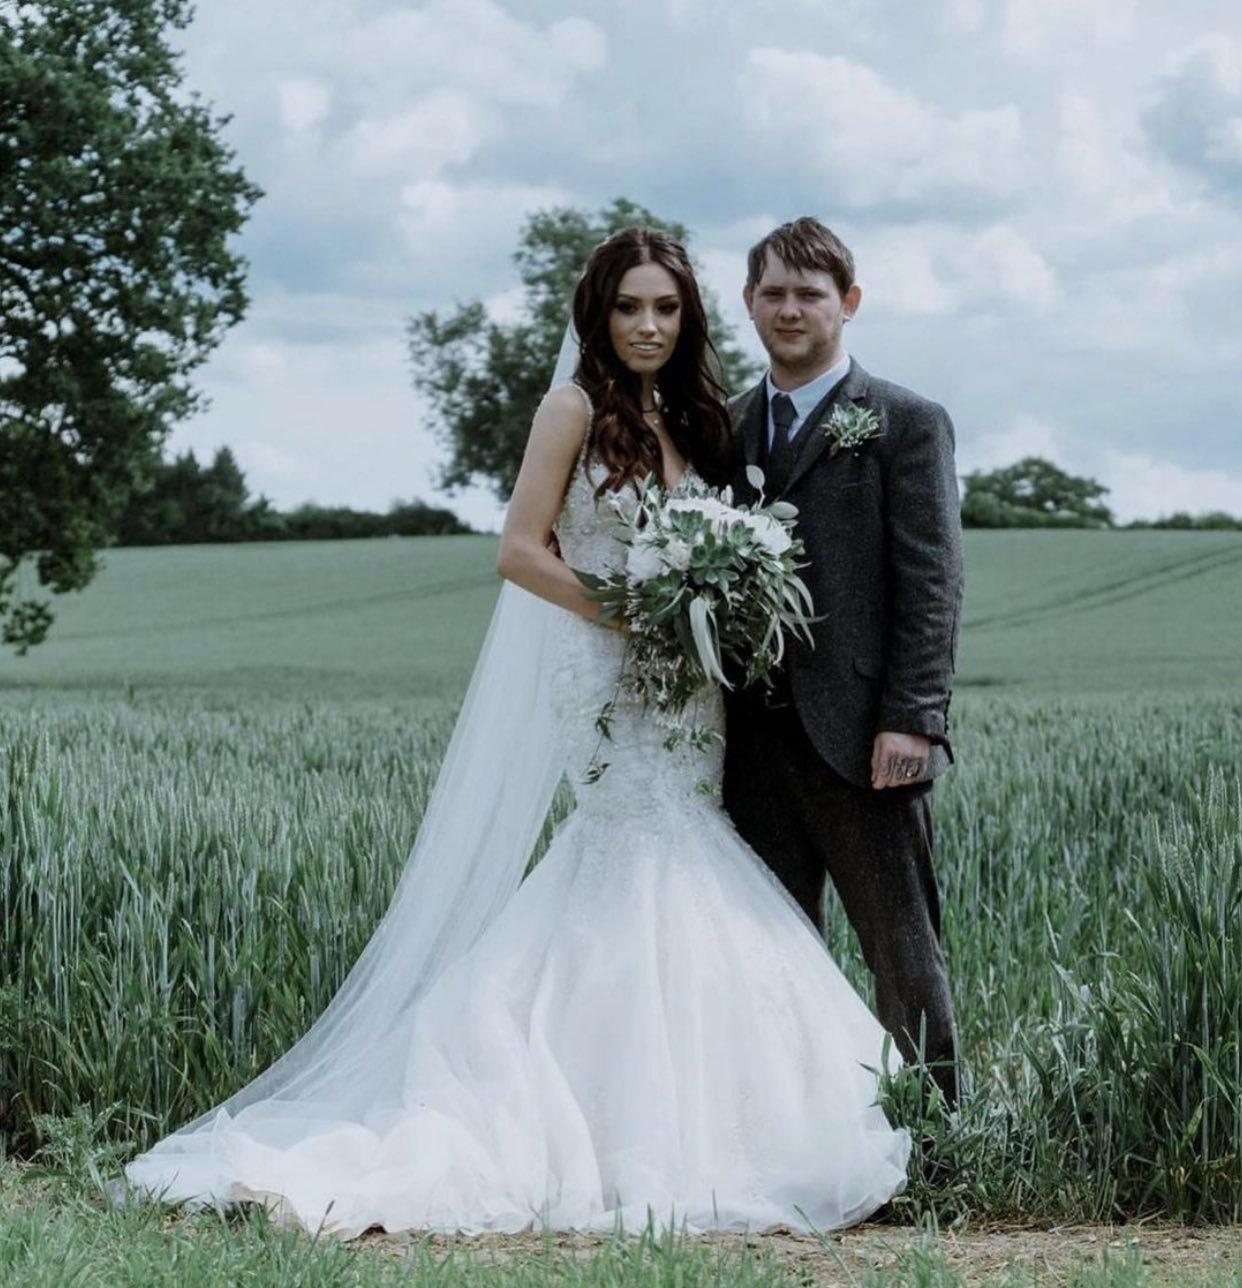 Lee Malia with his wife Deni Malia